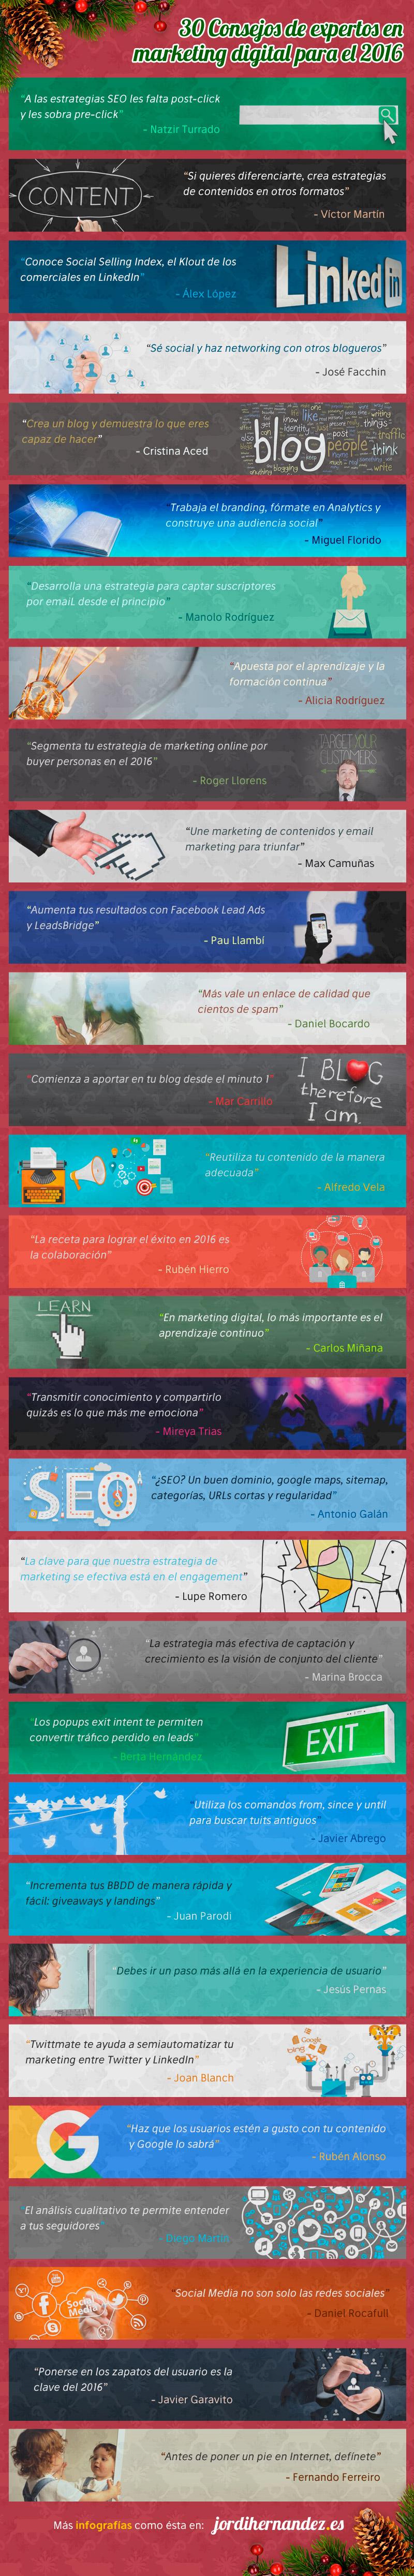 Consejos de Marketing Digital ofrecidos por 30 expertos (infografía)